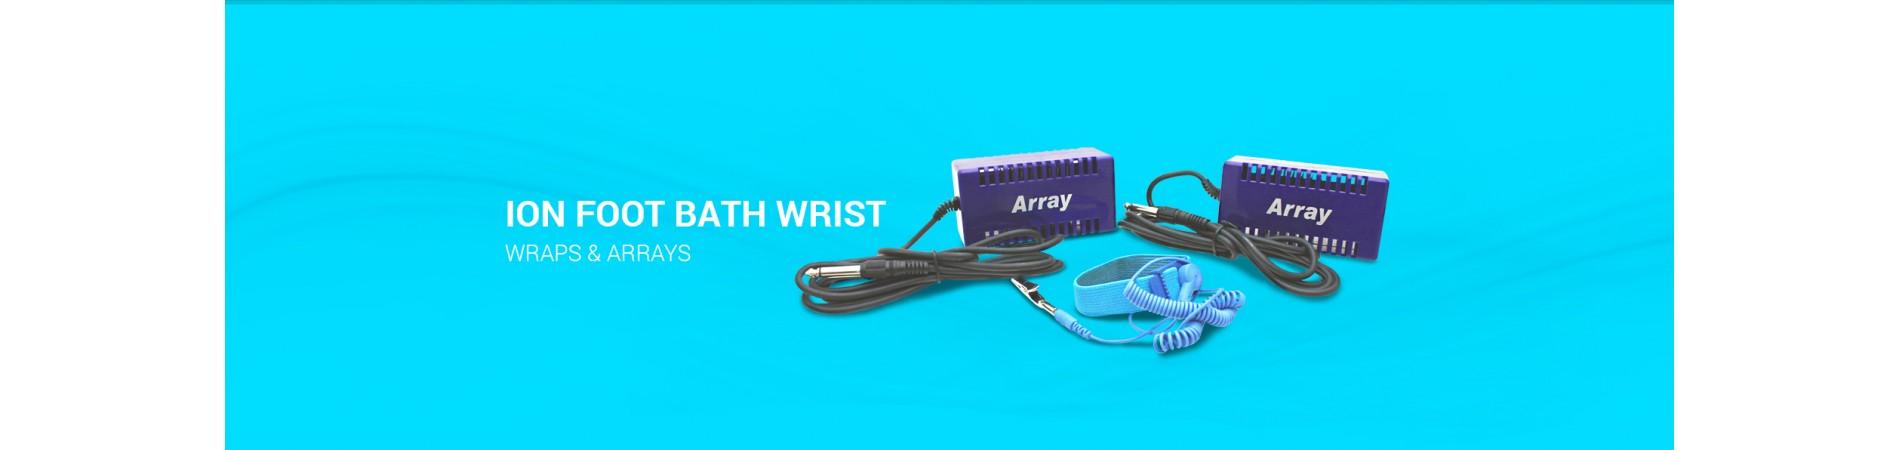 Ion Foot Bath Wrist Wraps & Arrays